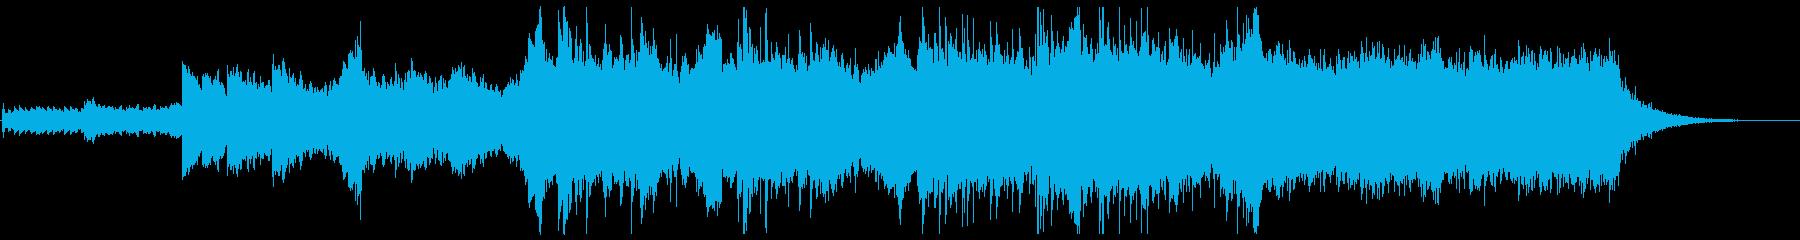 神秘的アンビエント、ミニマルなチルアウトの再生済みの波形